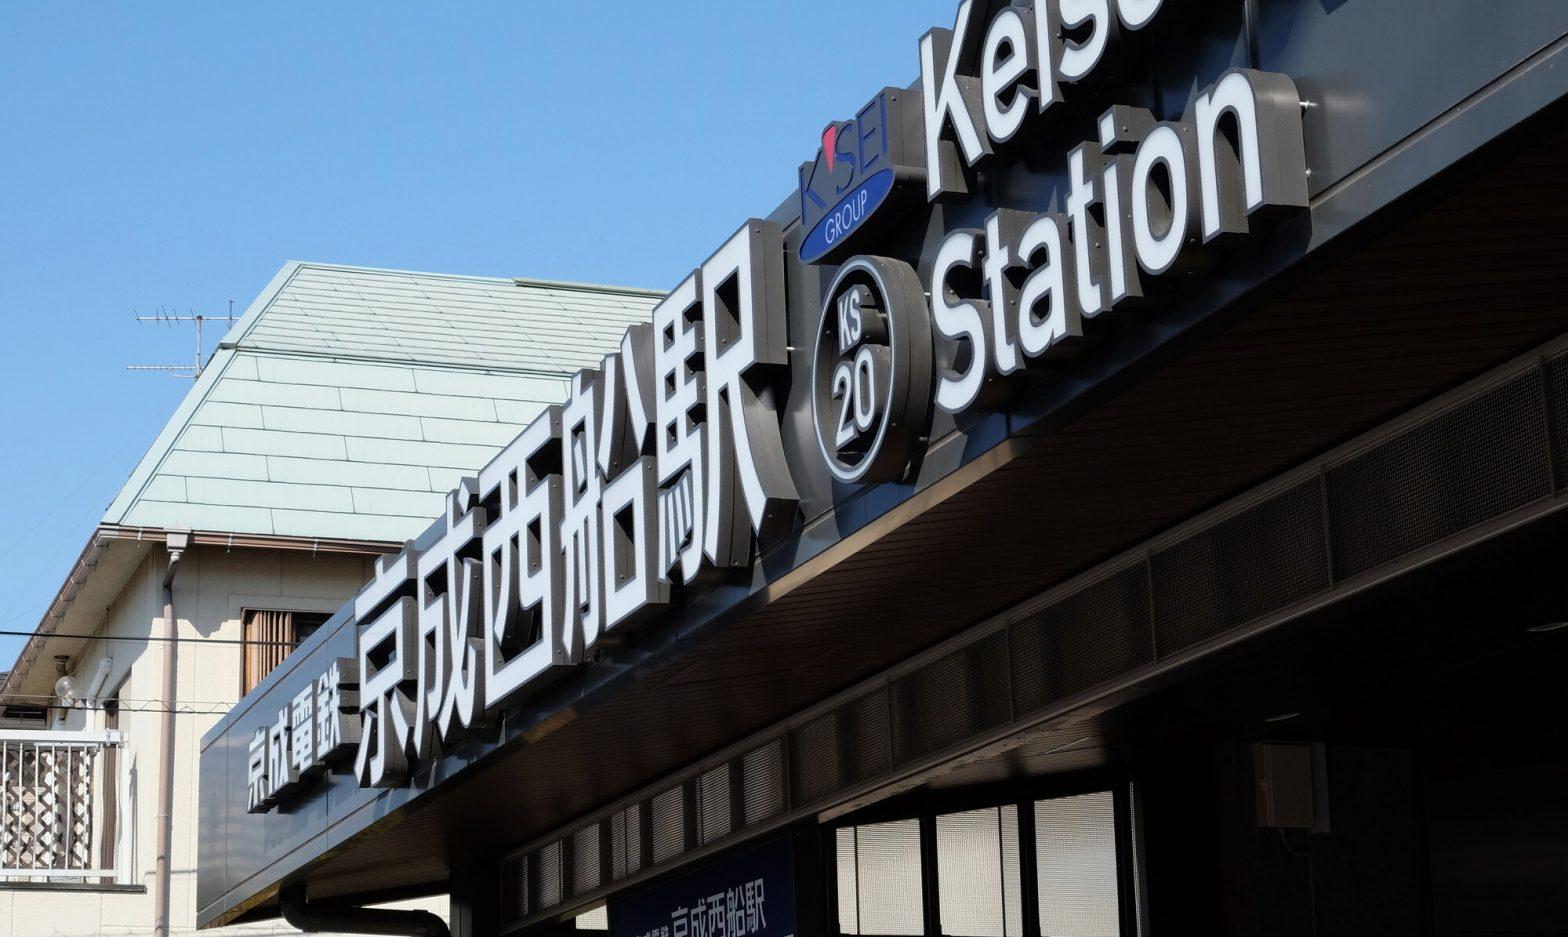 京成西船駅入口